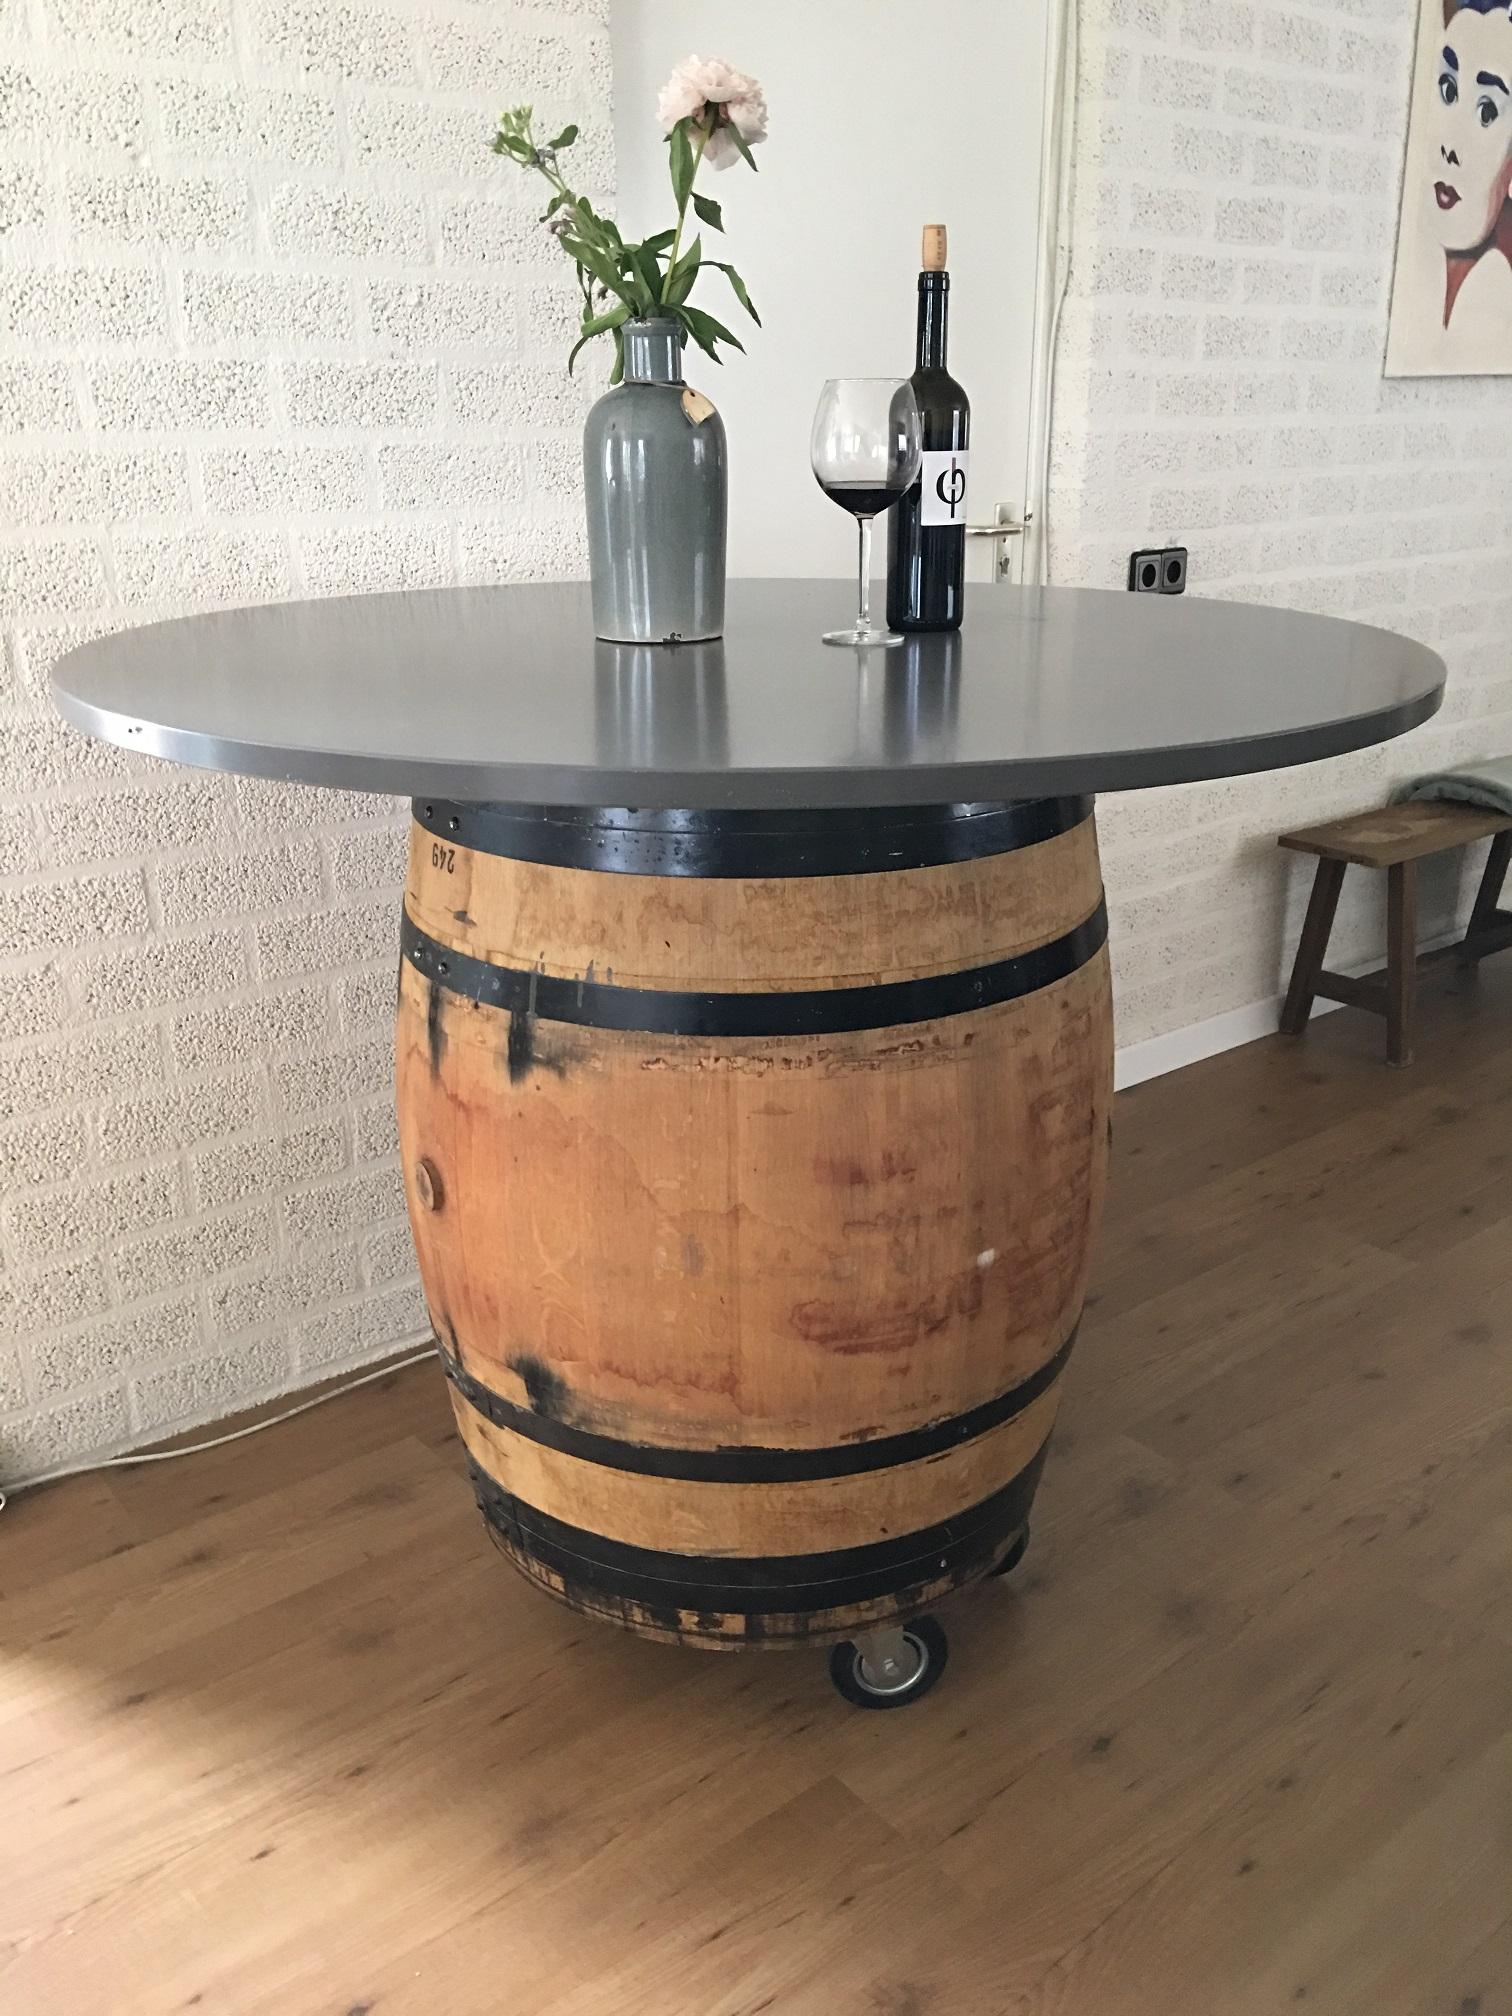 Beroemd Wijnvat hout, origineel uit Frankrijk, als statafel! - HANDGEMAAKT.EU KU74